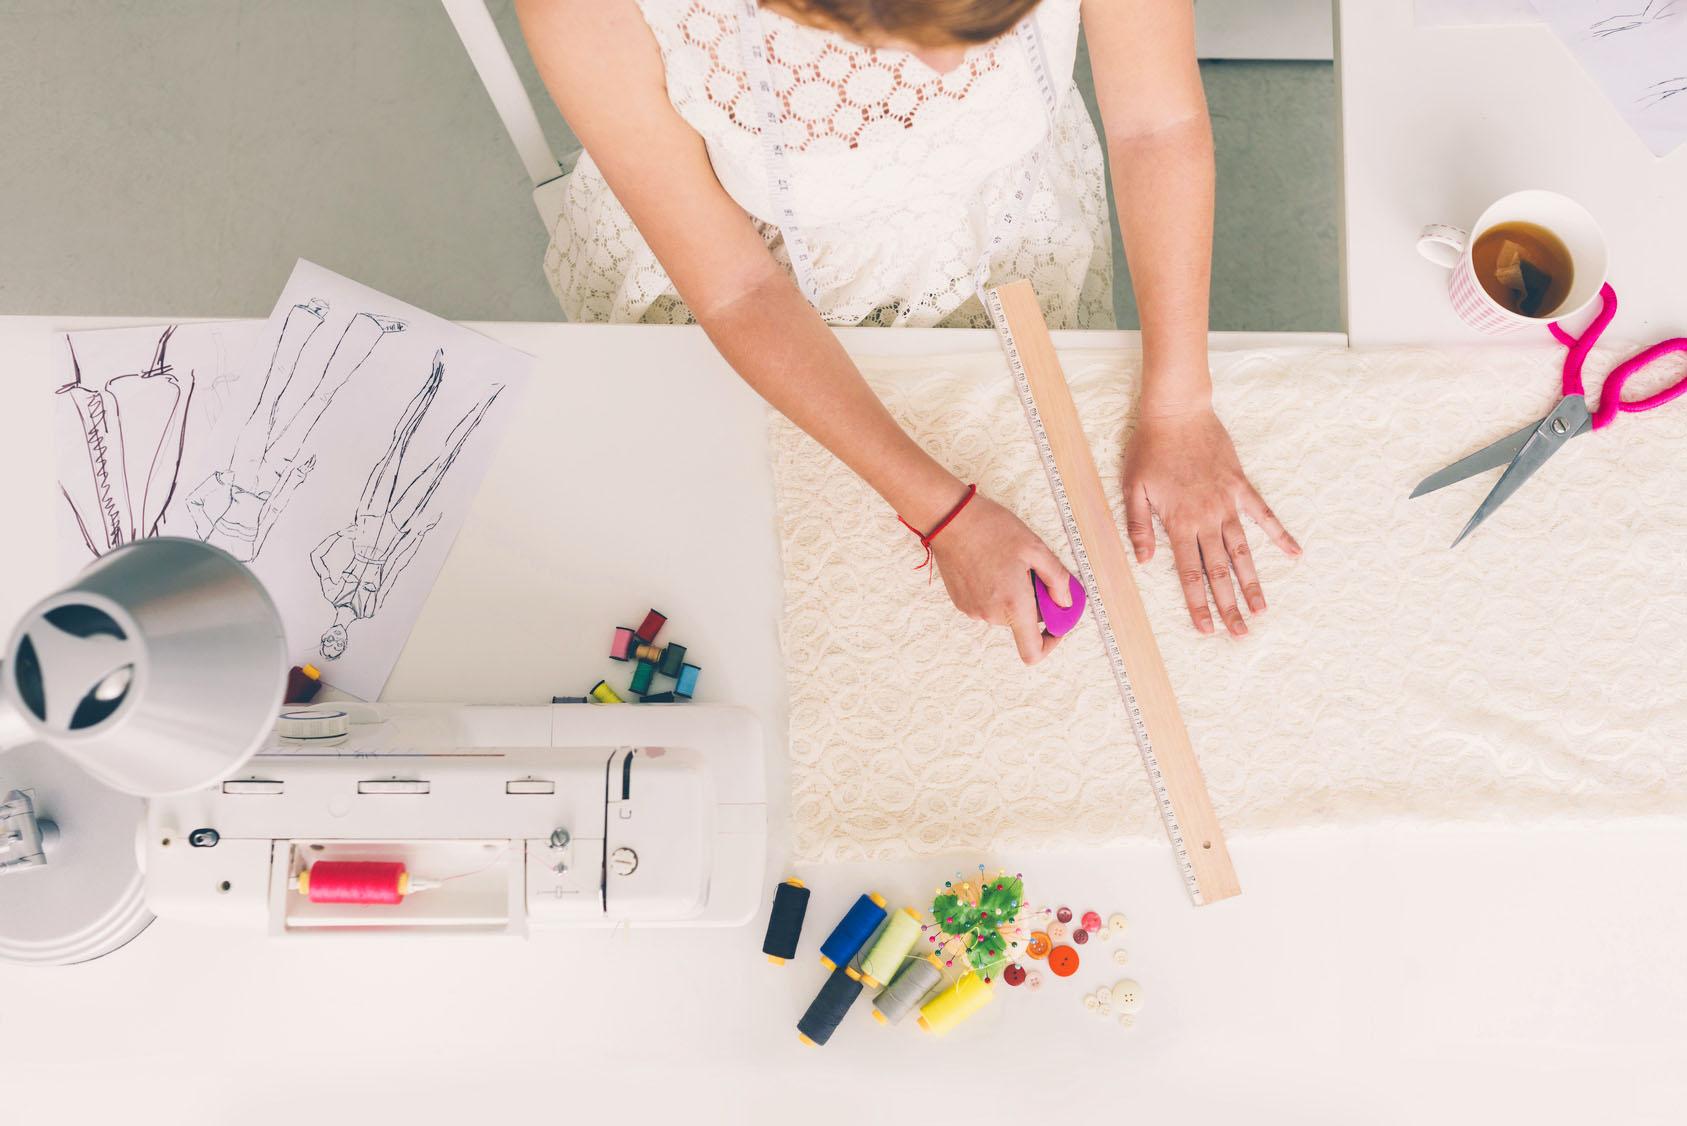 Makerist-Der-Makers-Guide-für-nachhaltige-Mode-Stelle-dein-Meisterwerk-her-1.jpg